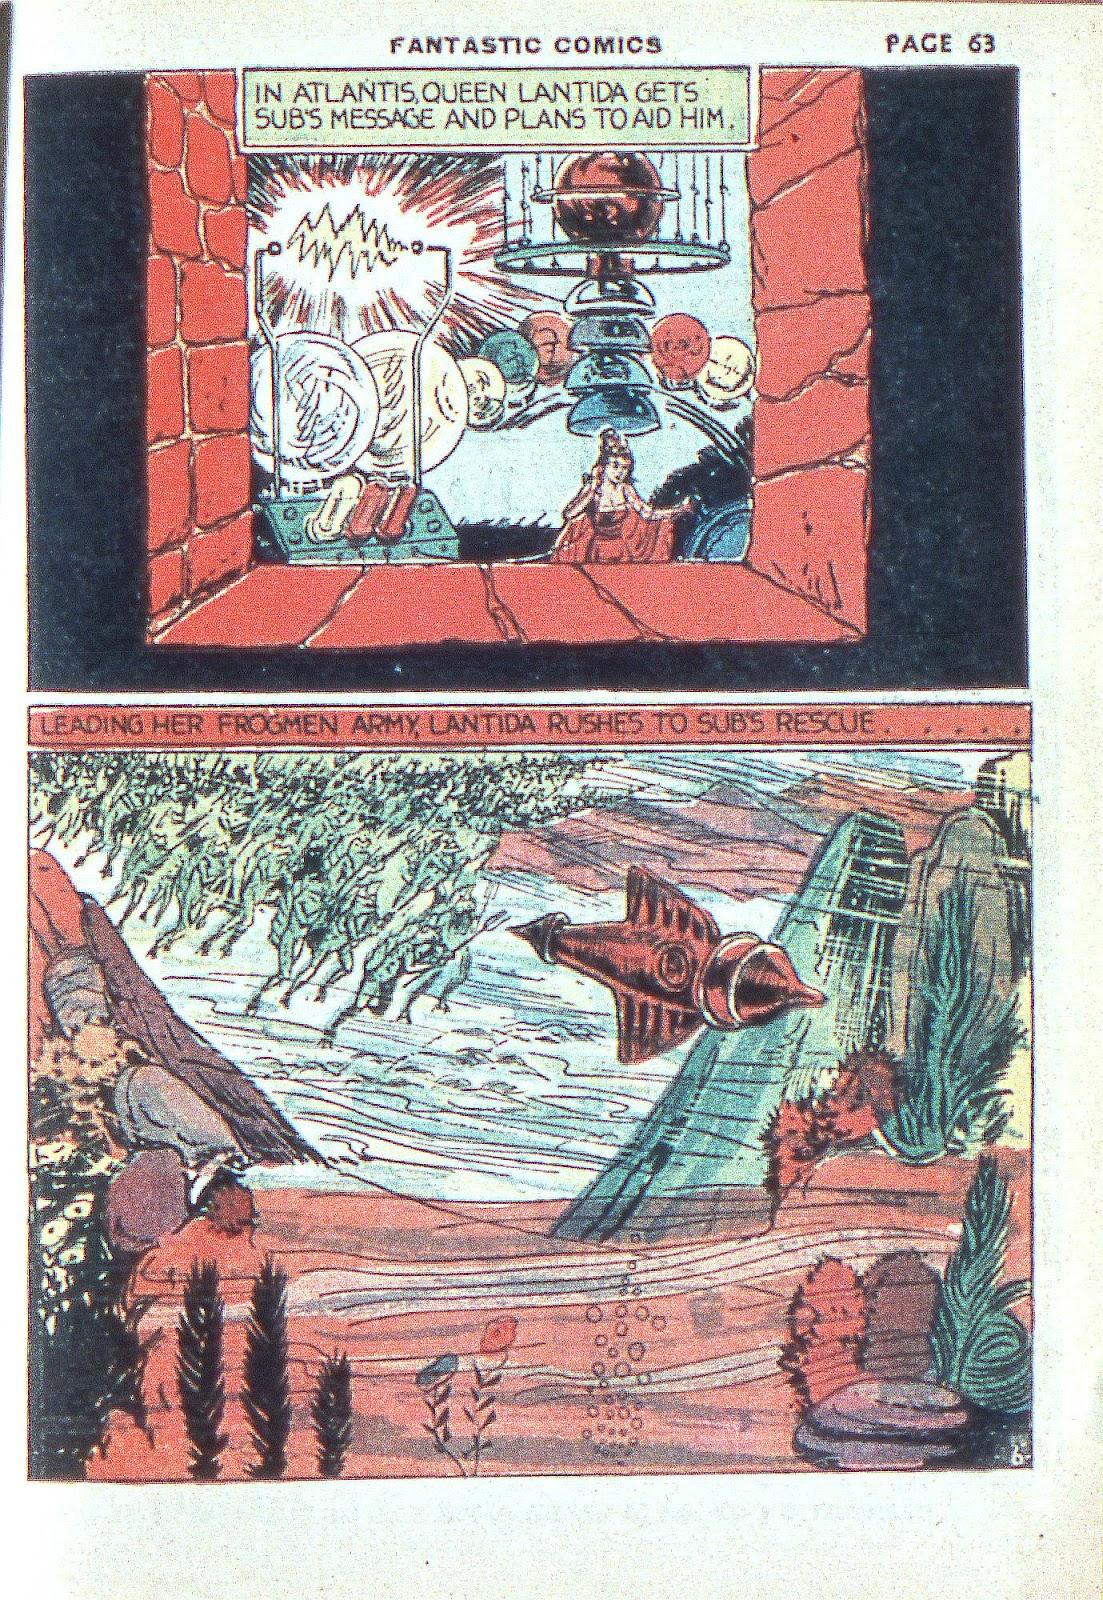 Read online Fantastic Comics comic -  Issue #3 - 65